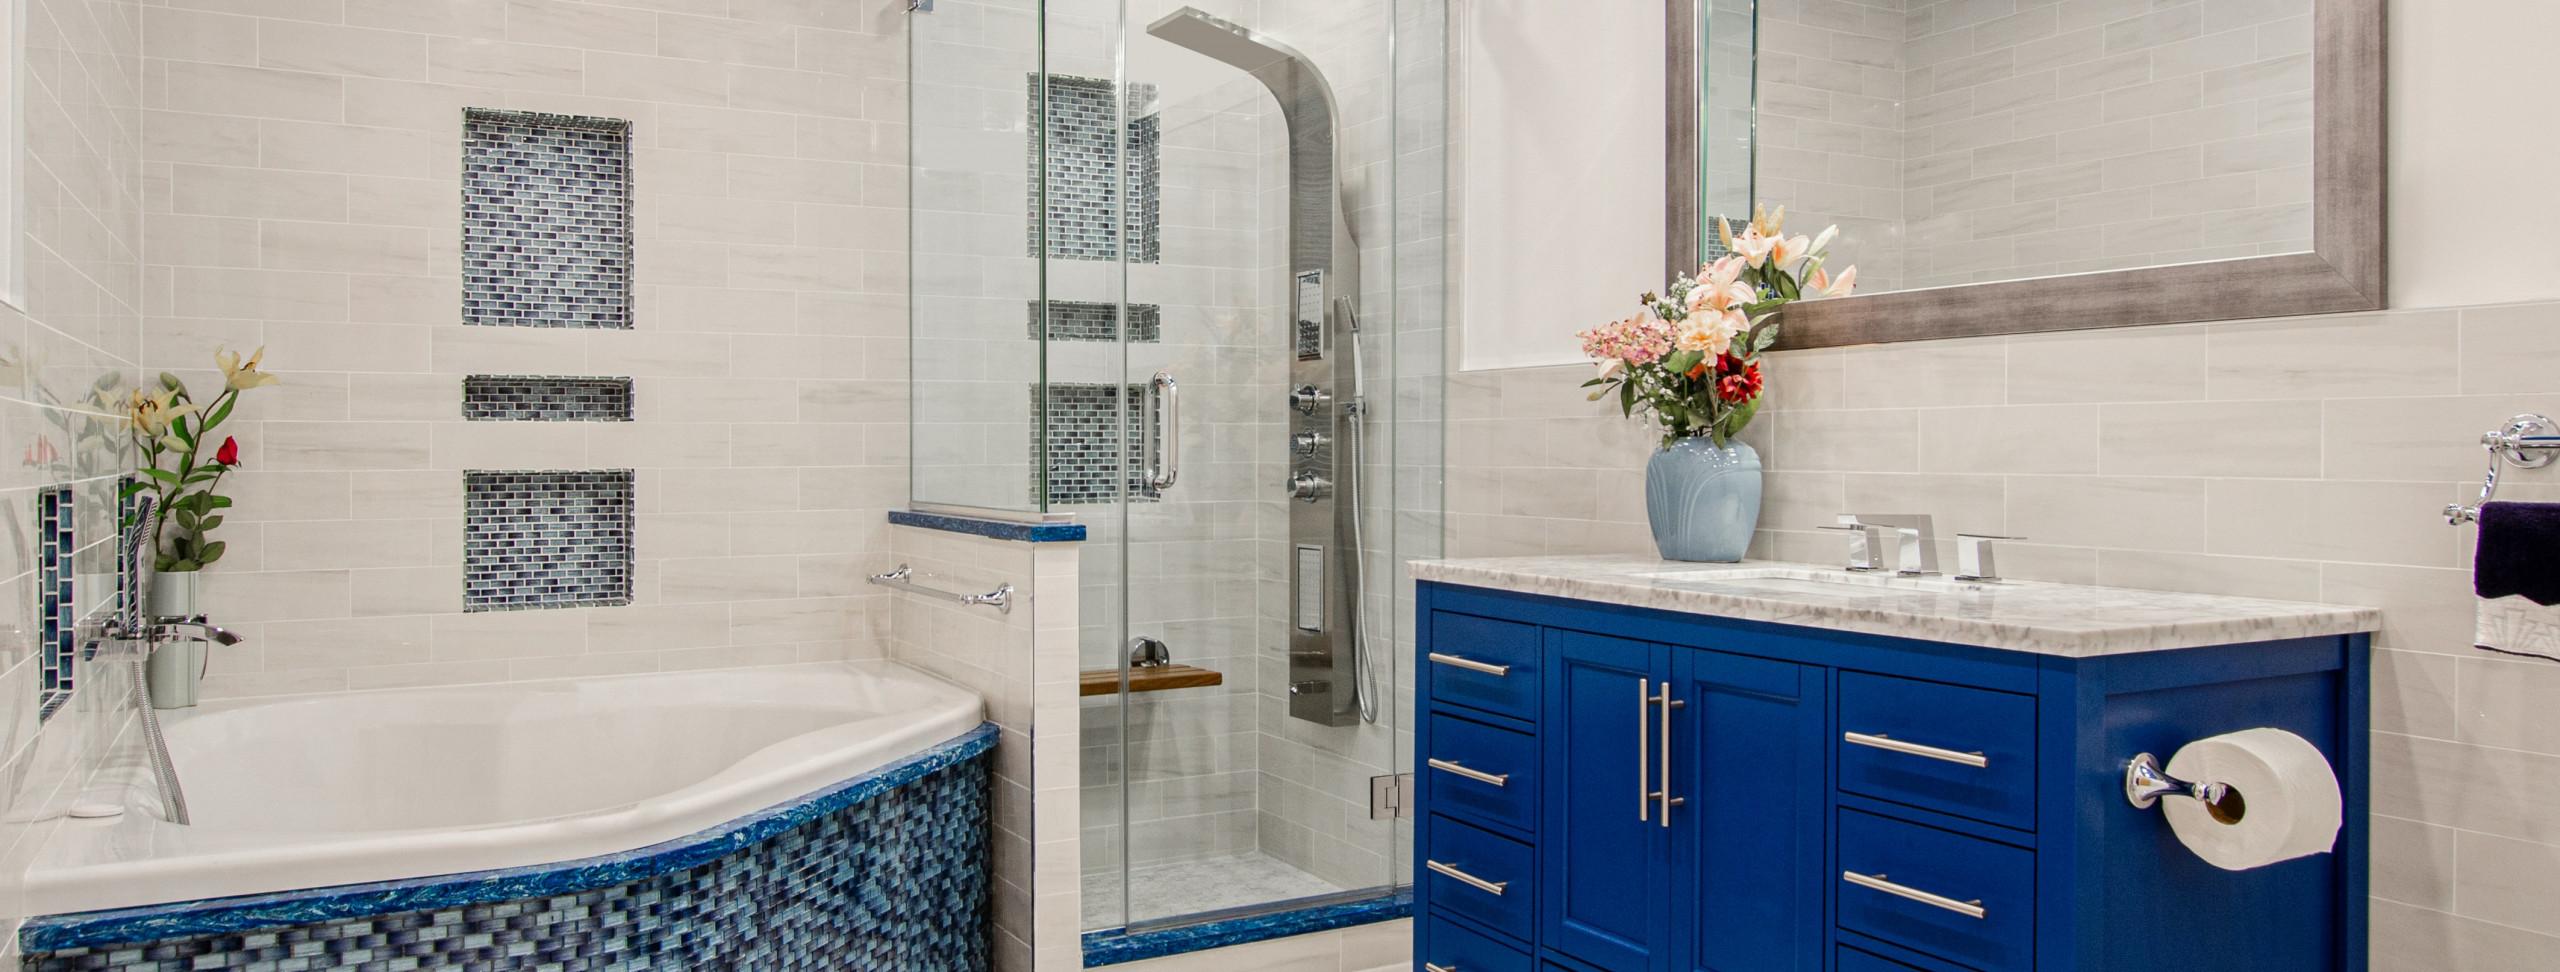 banheiro-box-limpeza-limpar-rodo-produto-agua-chuveiro-ducha-vidro-piso-parede-rejunte-sujeira